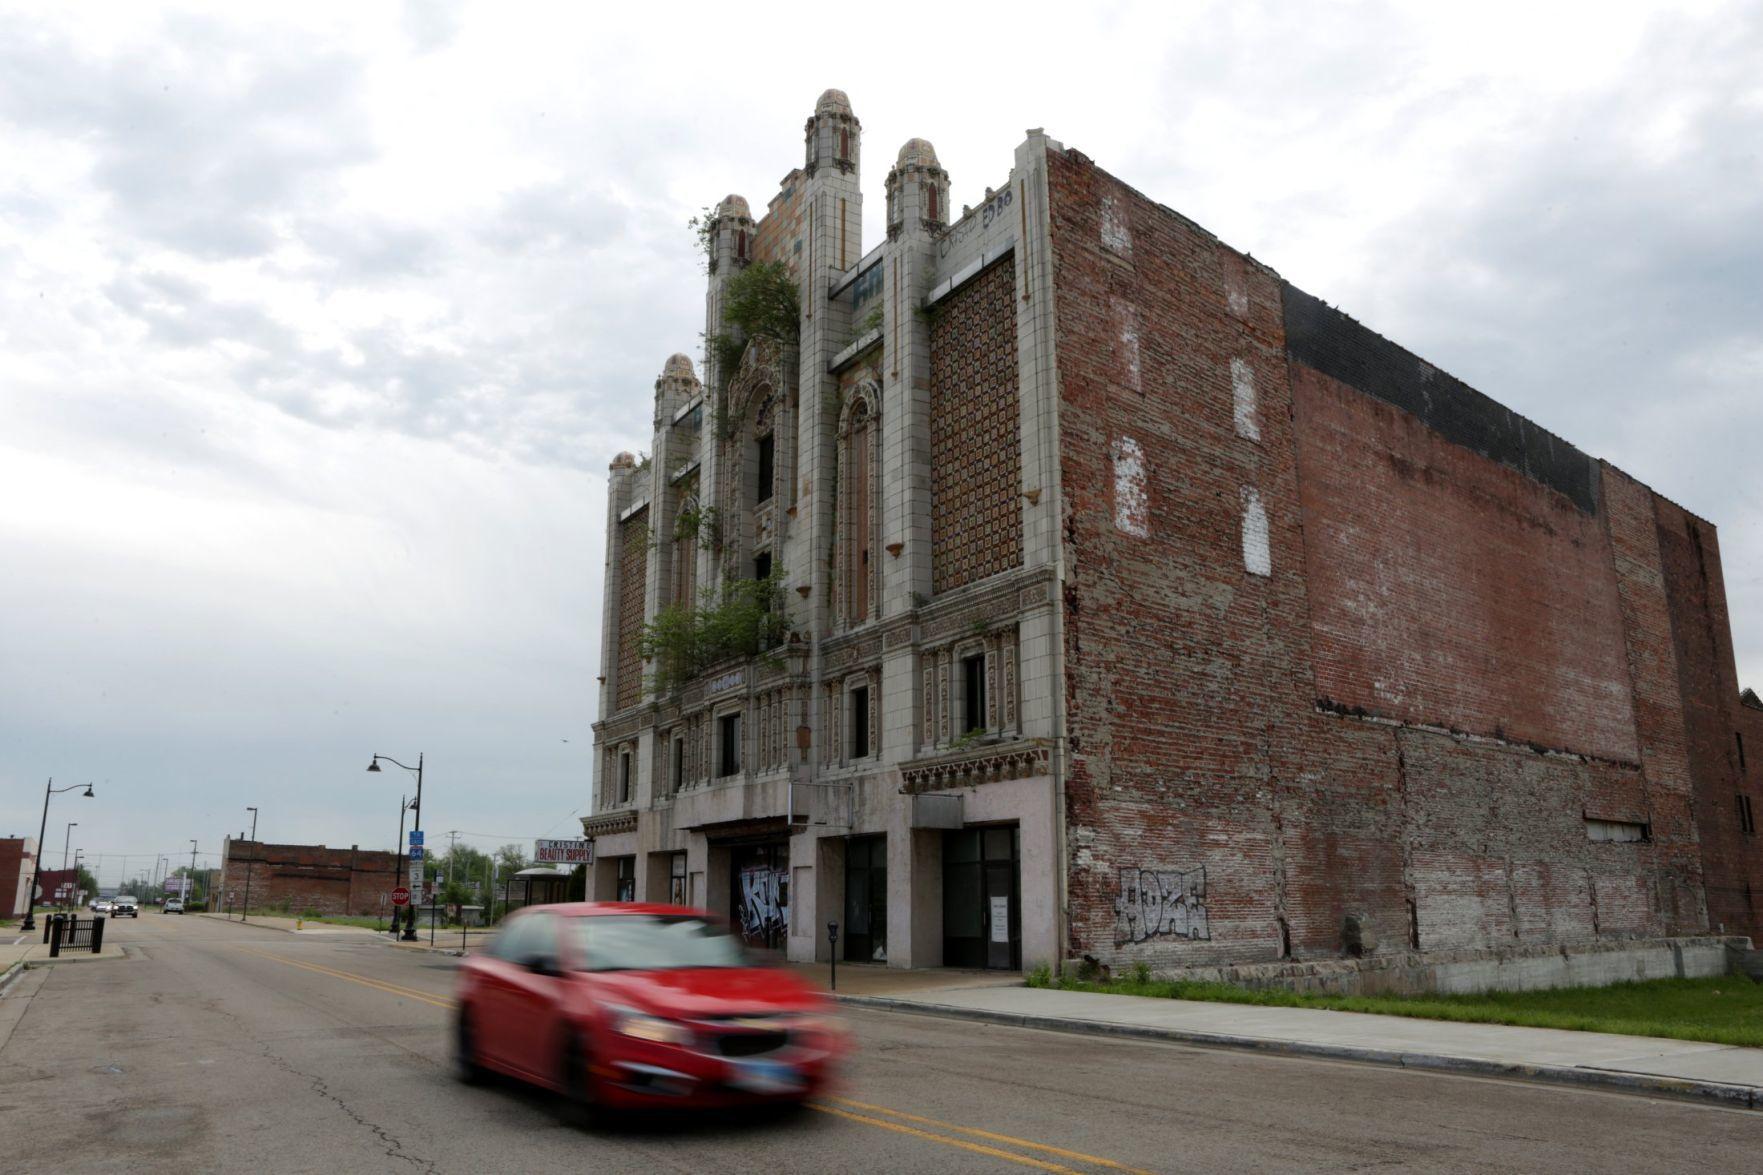 Swastikas hidden in the facades of buildings